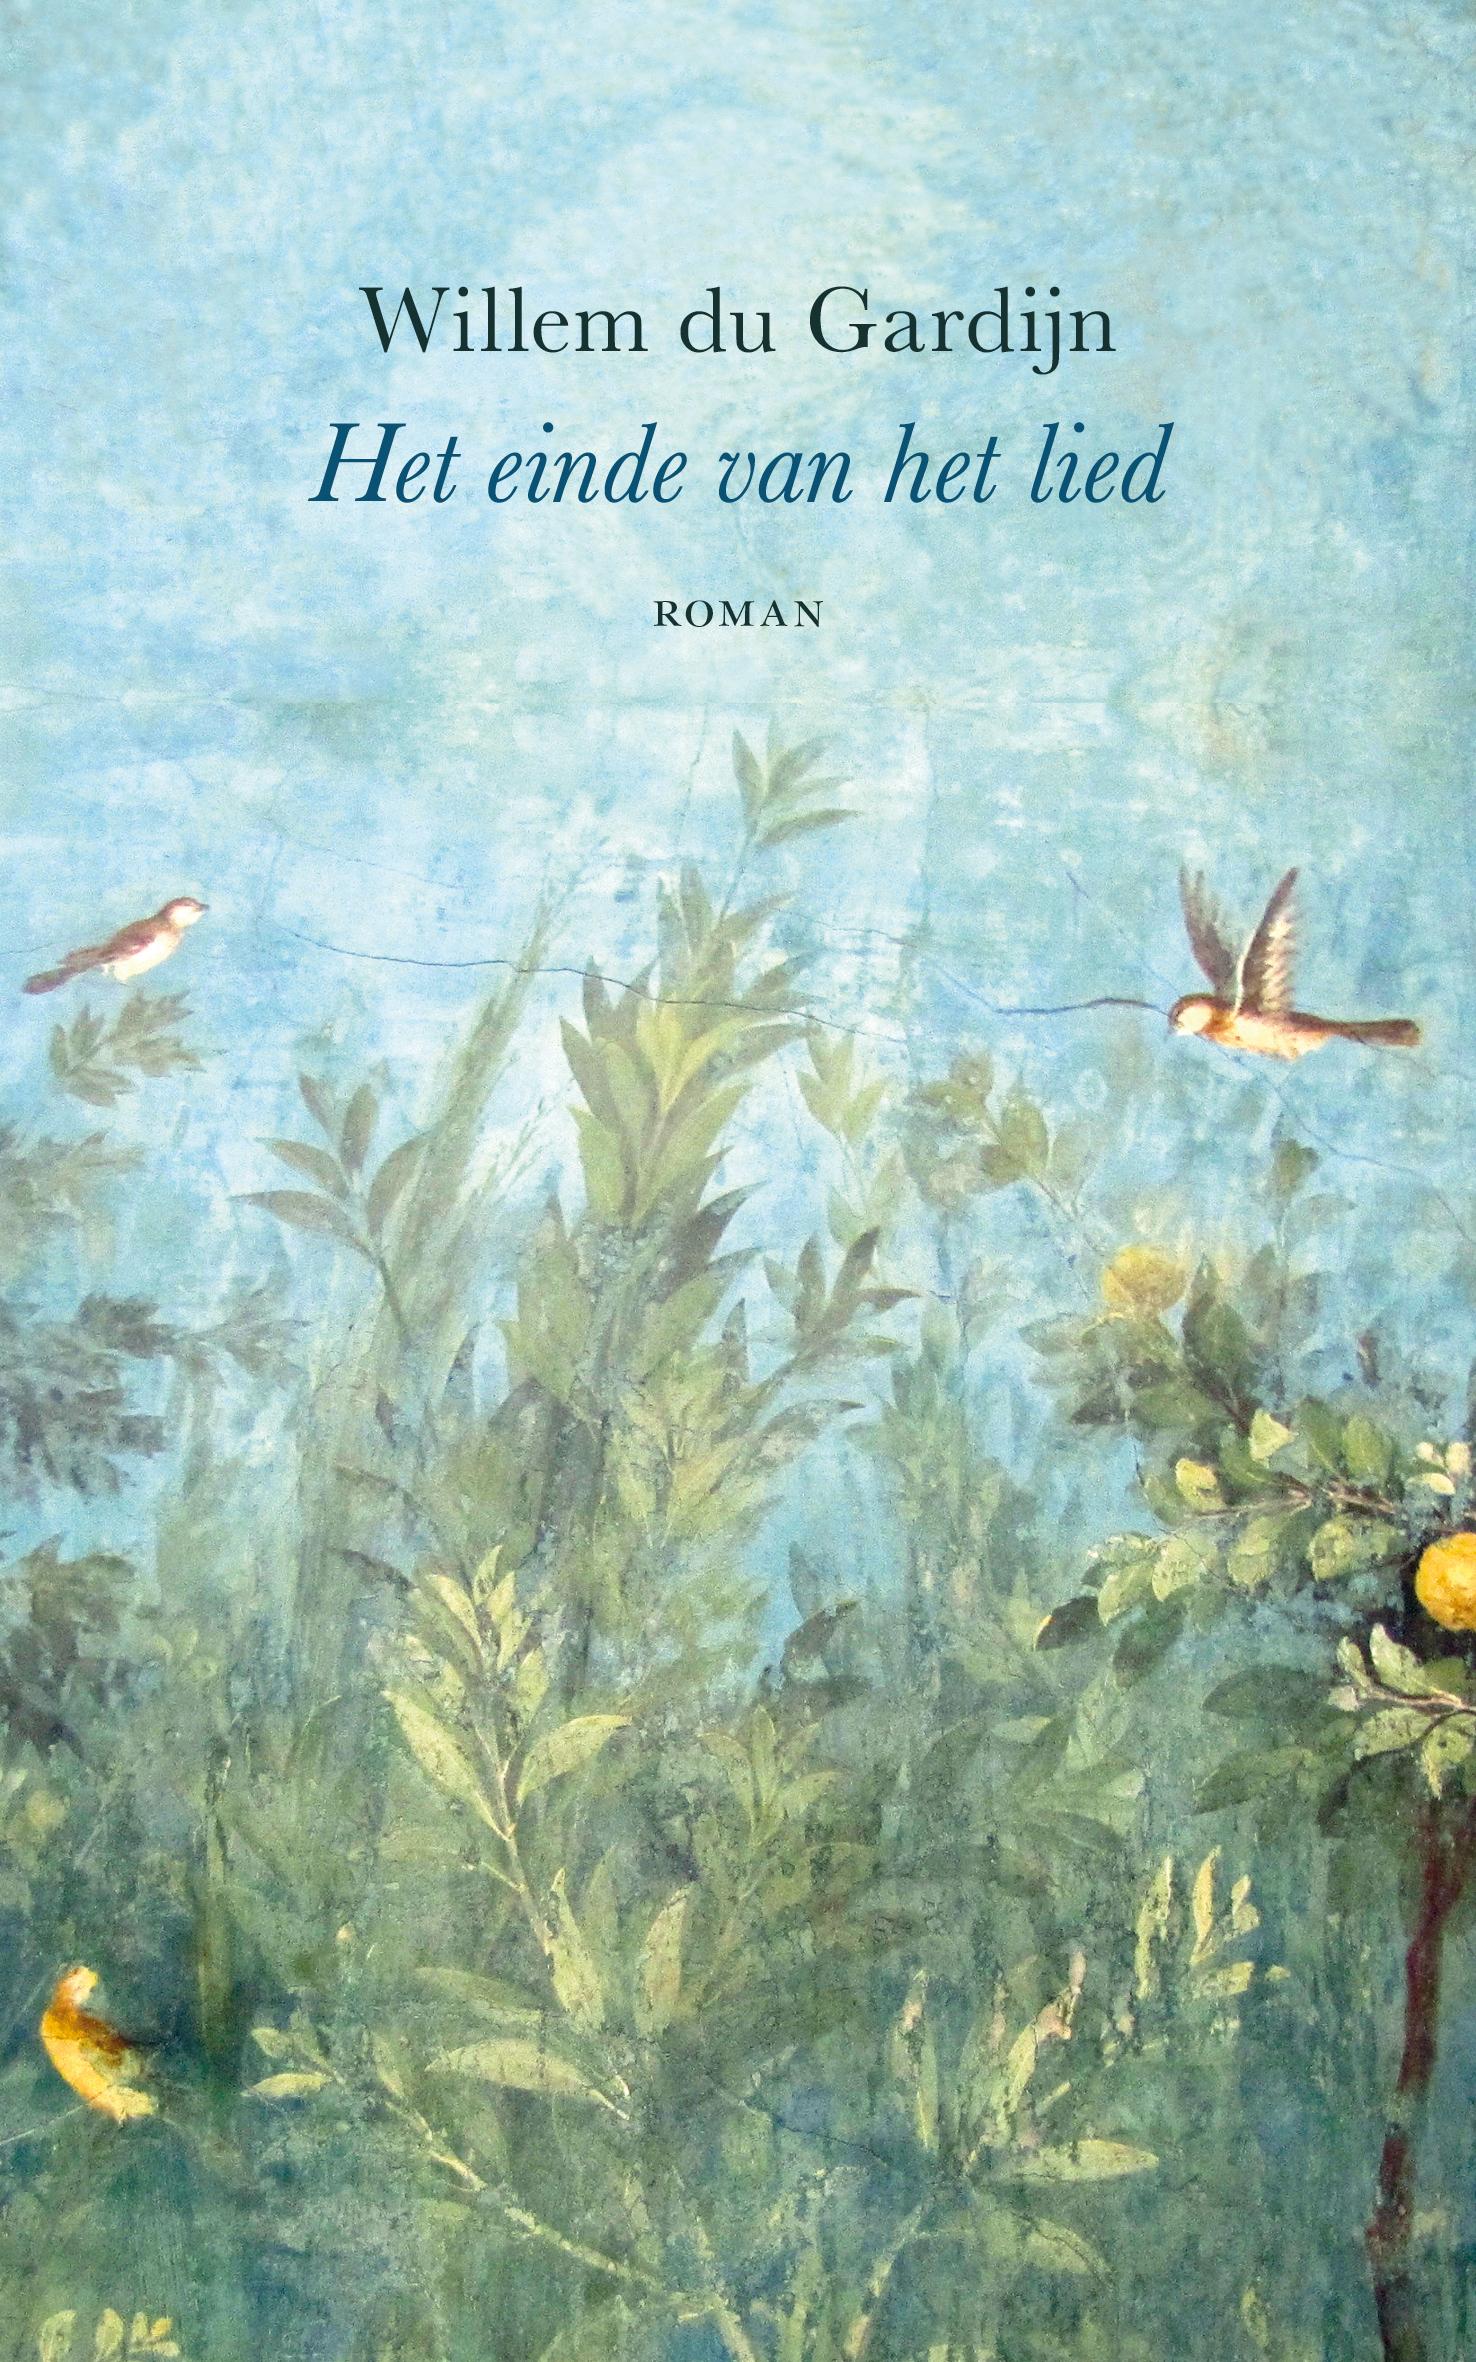 Willem du Gardijn – Het einde van het lied